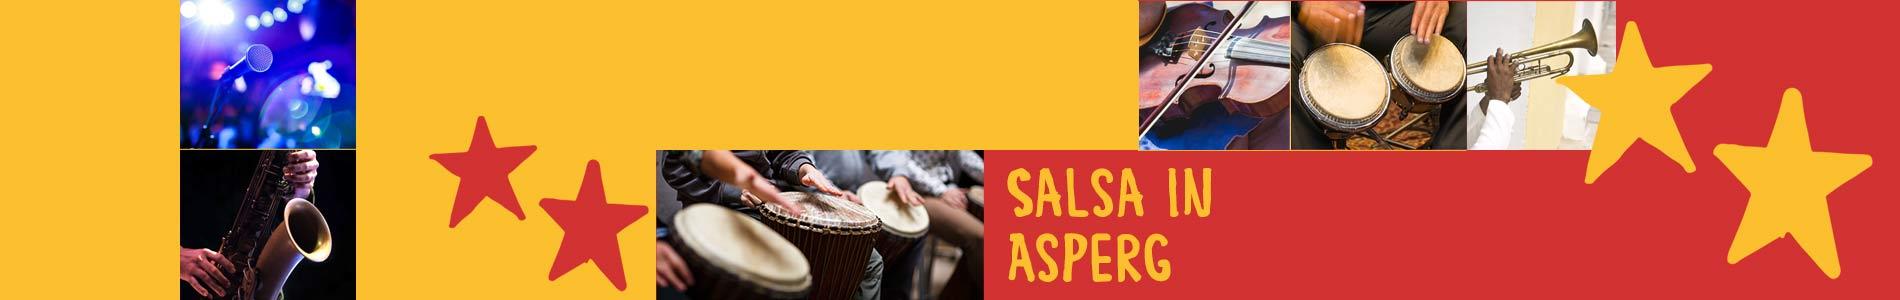 Salsa in Asperg – Salsa lernen und tanzen, Tanzkurse, Partys, Veranstaltungen